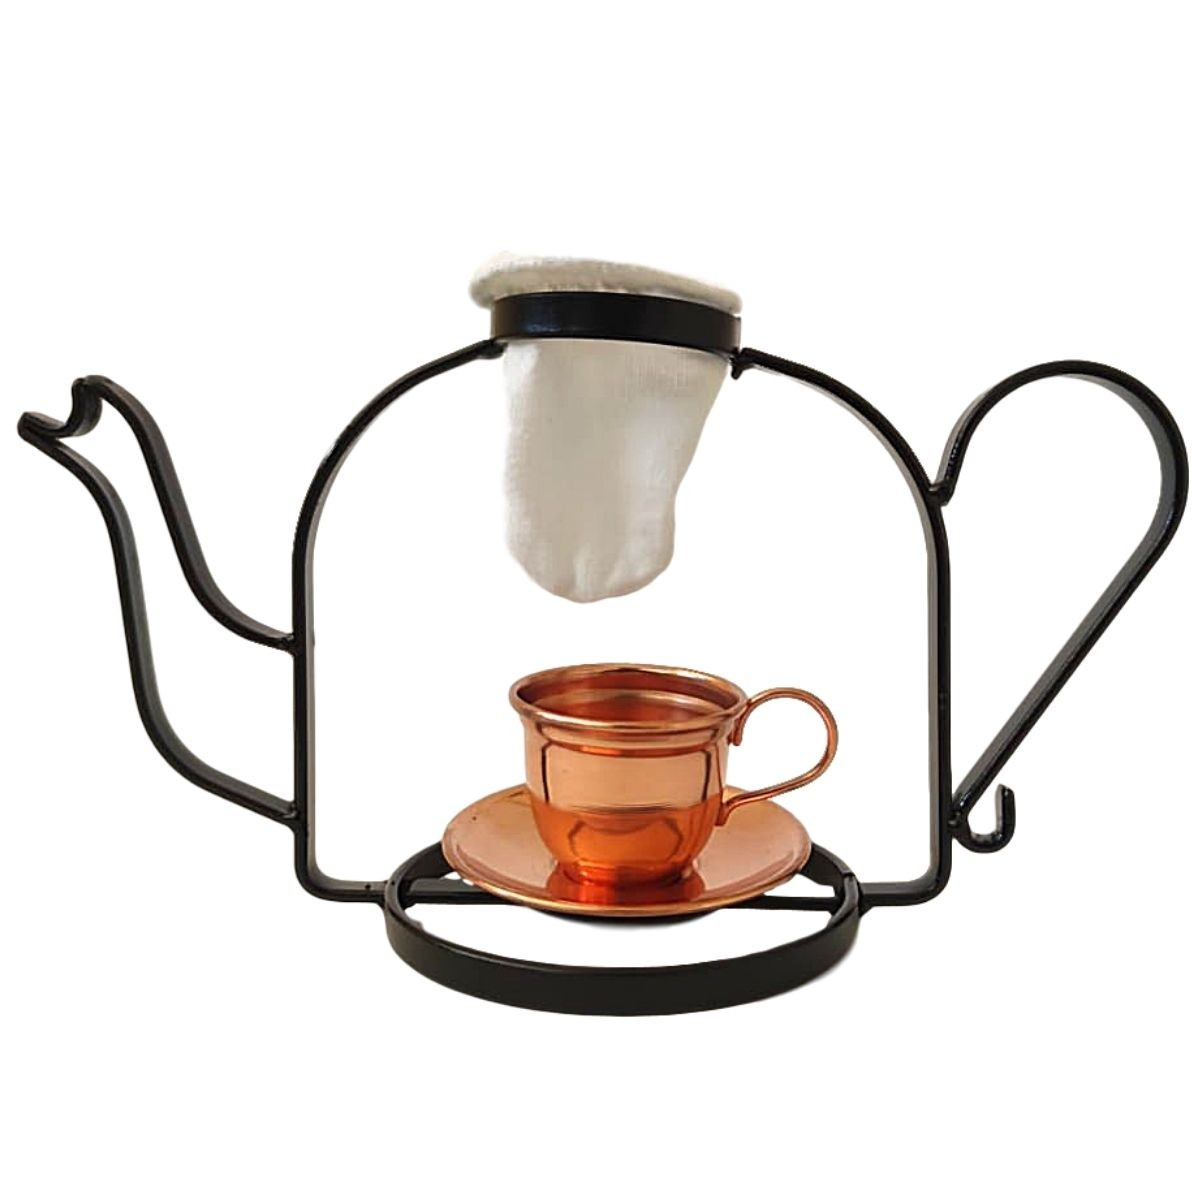 Mini Coador de Café Chaleira com Caneca peires de cobre + Refil de Pano